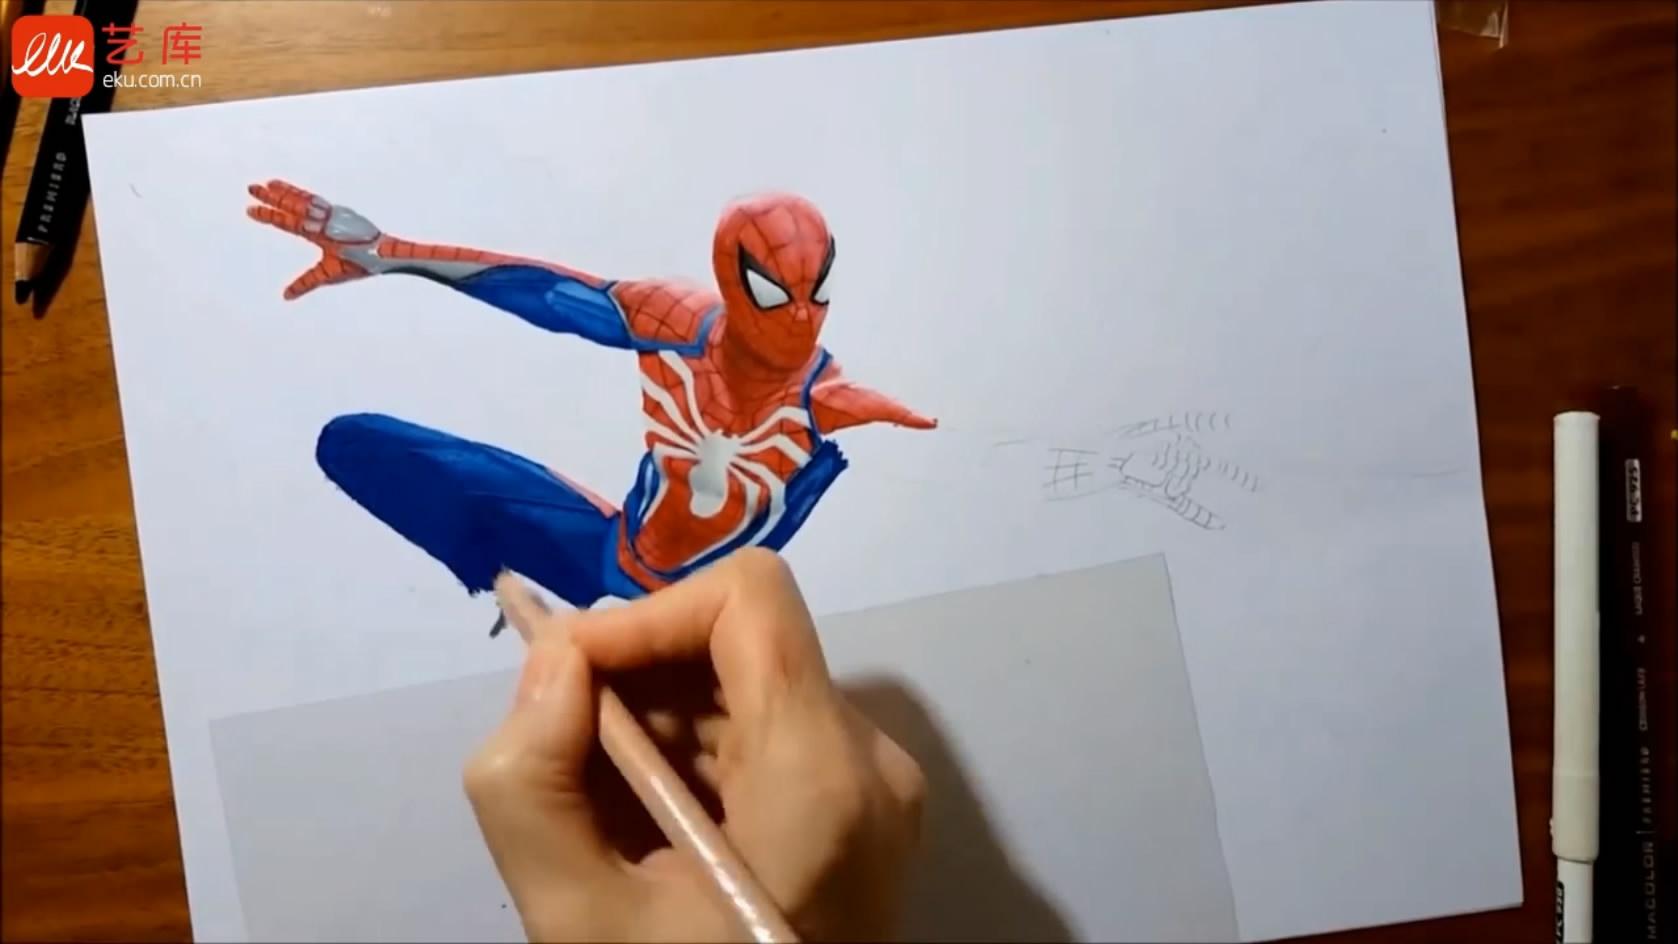 艺库视频 - 彩铅手绘作品_蜘蛛侠